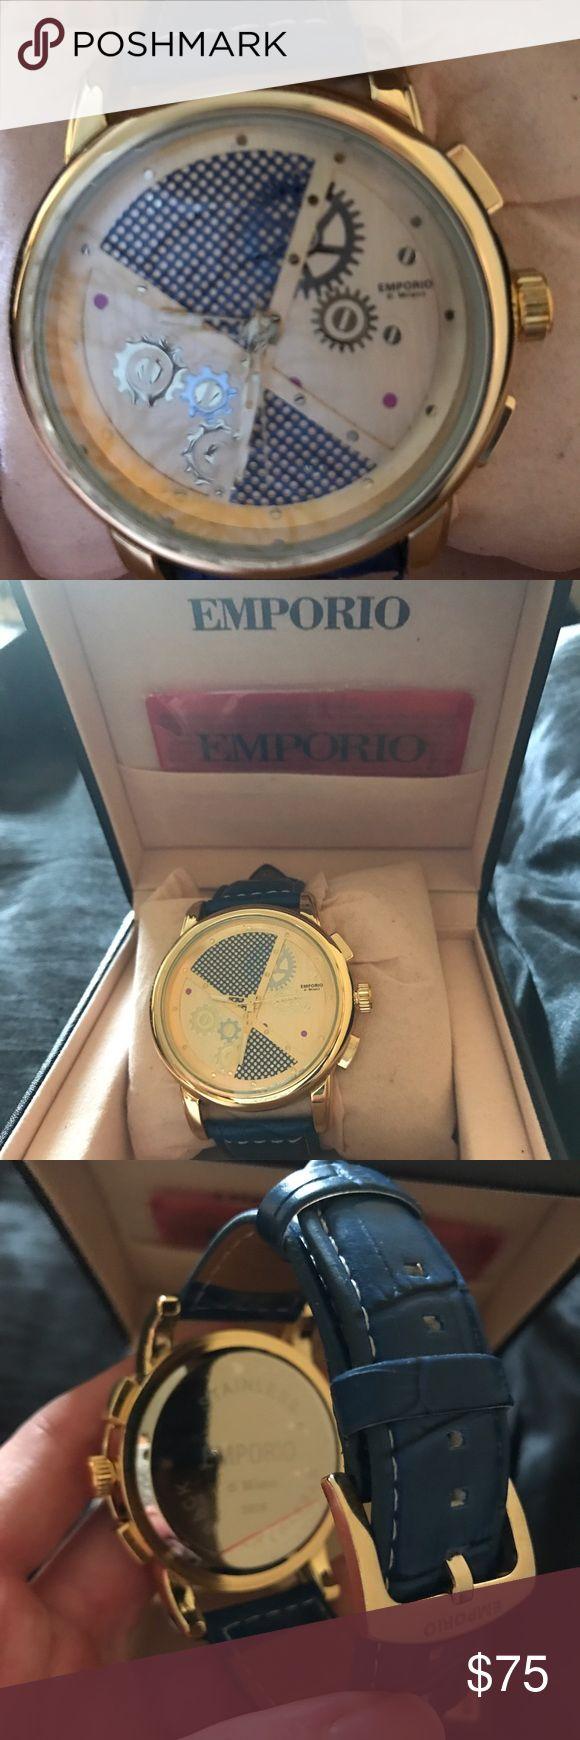 Emporio watch Replica emporio watch, brand new, in box Emporio Armani Accessories Watches